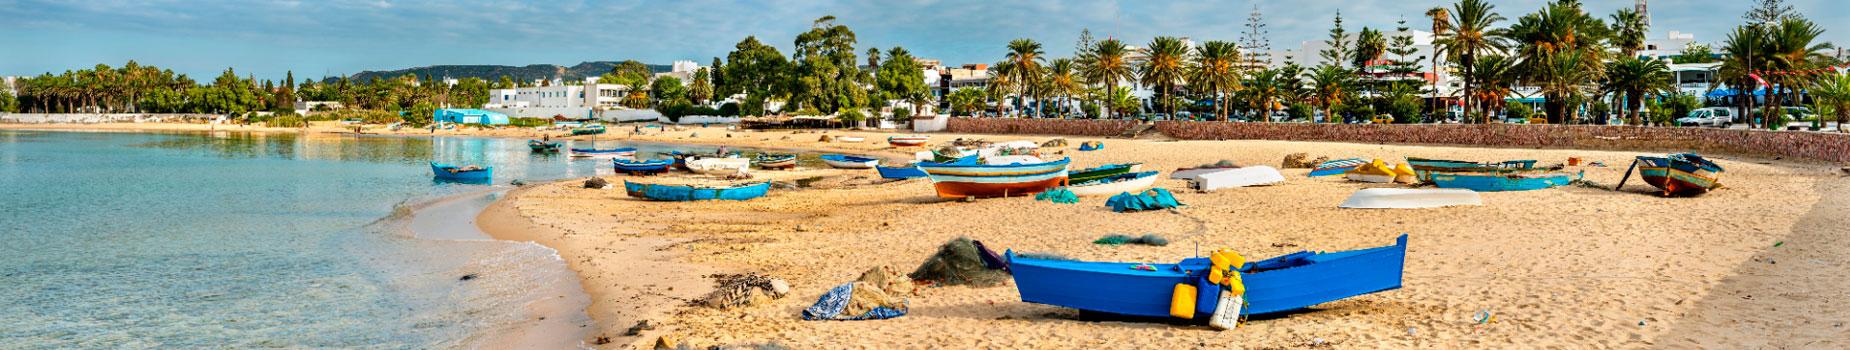 Kindvriendelijke hotels Tunesië